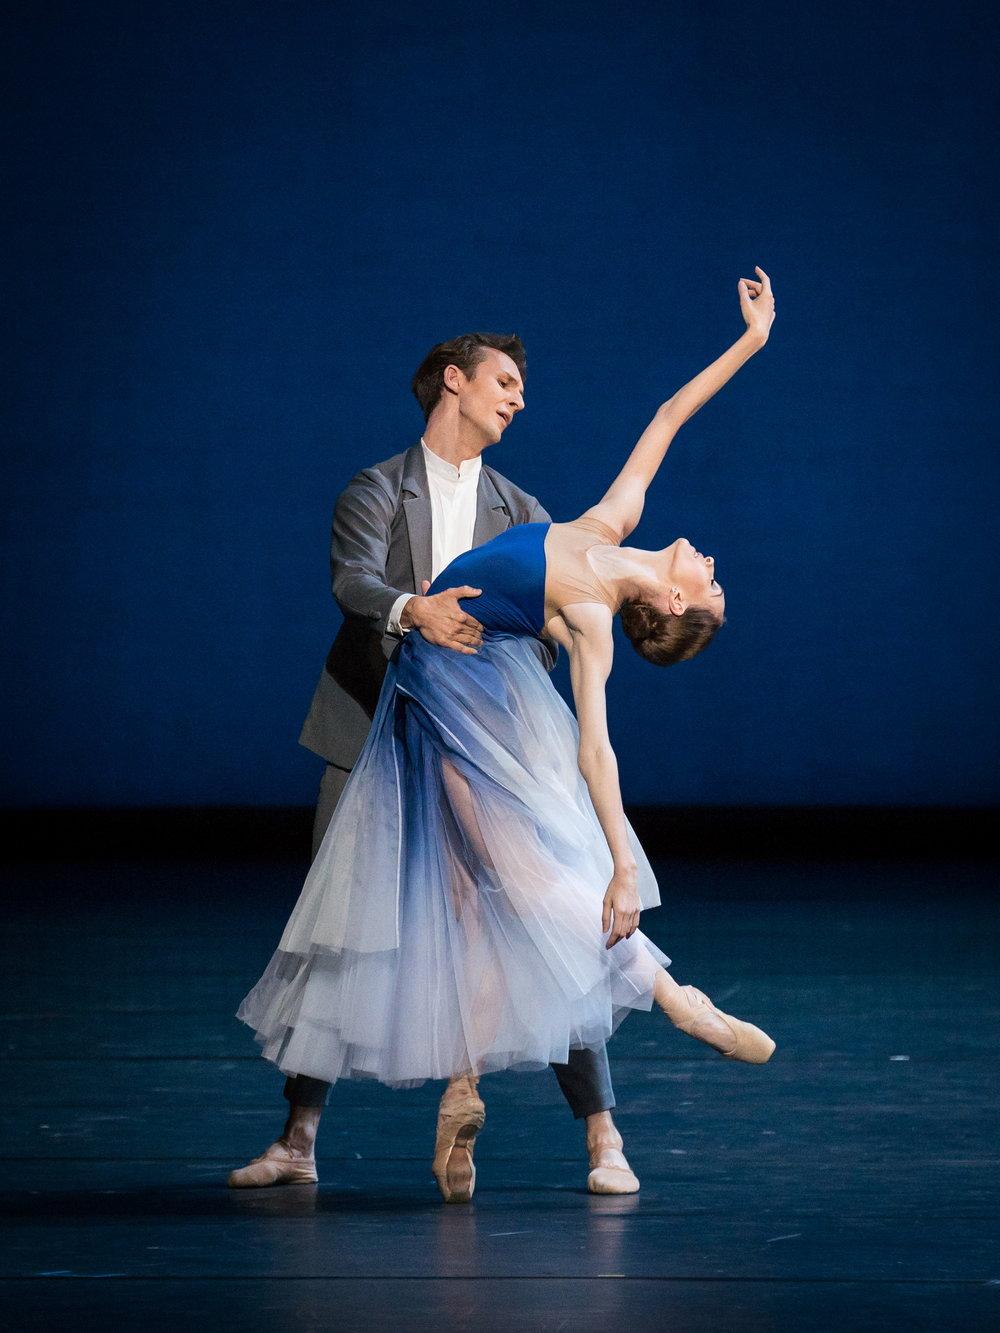 Olga Smirnova and Semyon Chudin. Copyright: Vienna State Ballet/Ashley Taylor